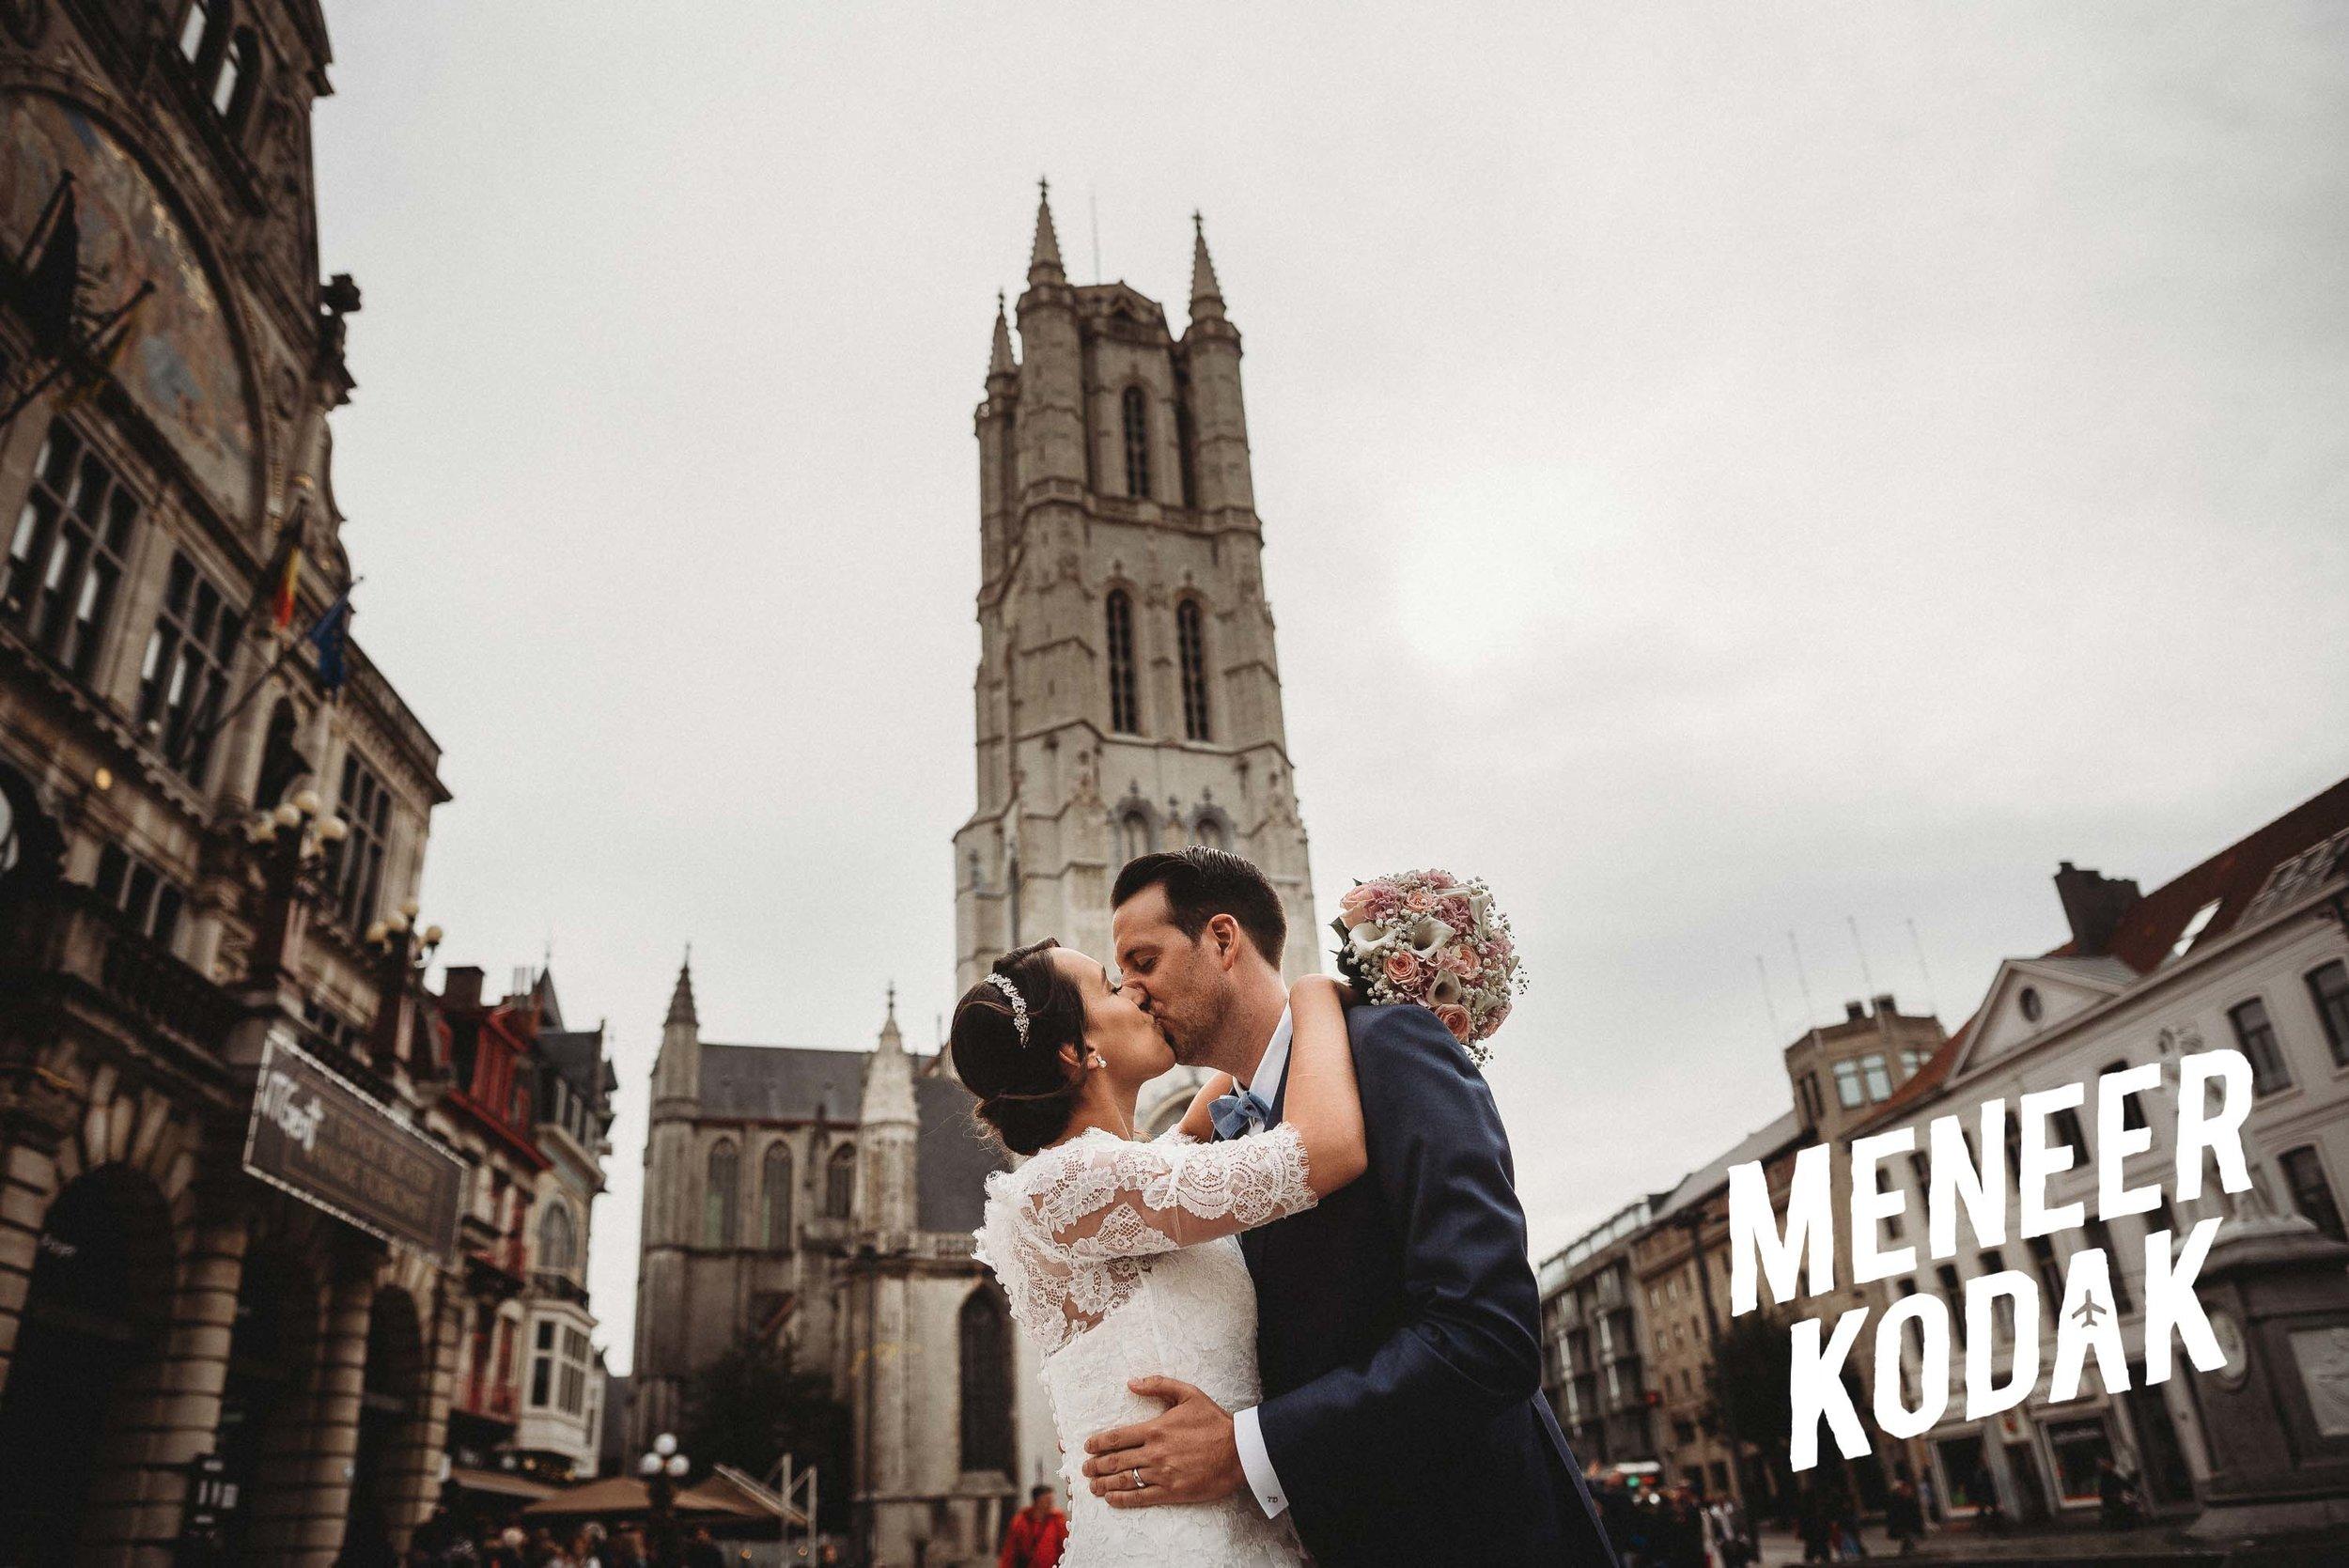 Meneer Kodak - Trouwfotograaf - Gent - D&T-037.jpg